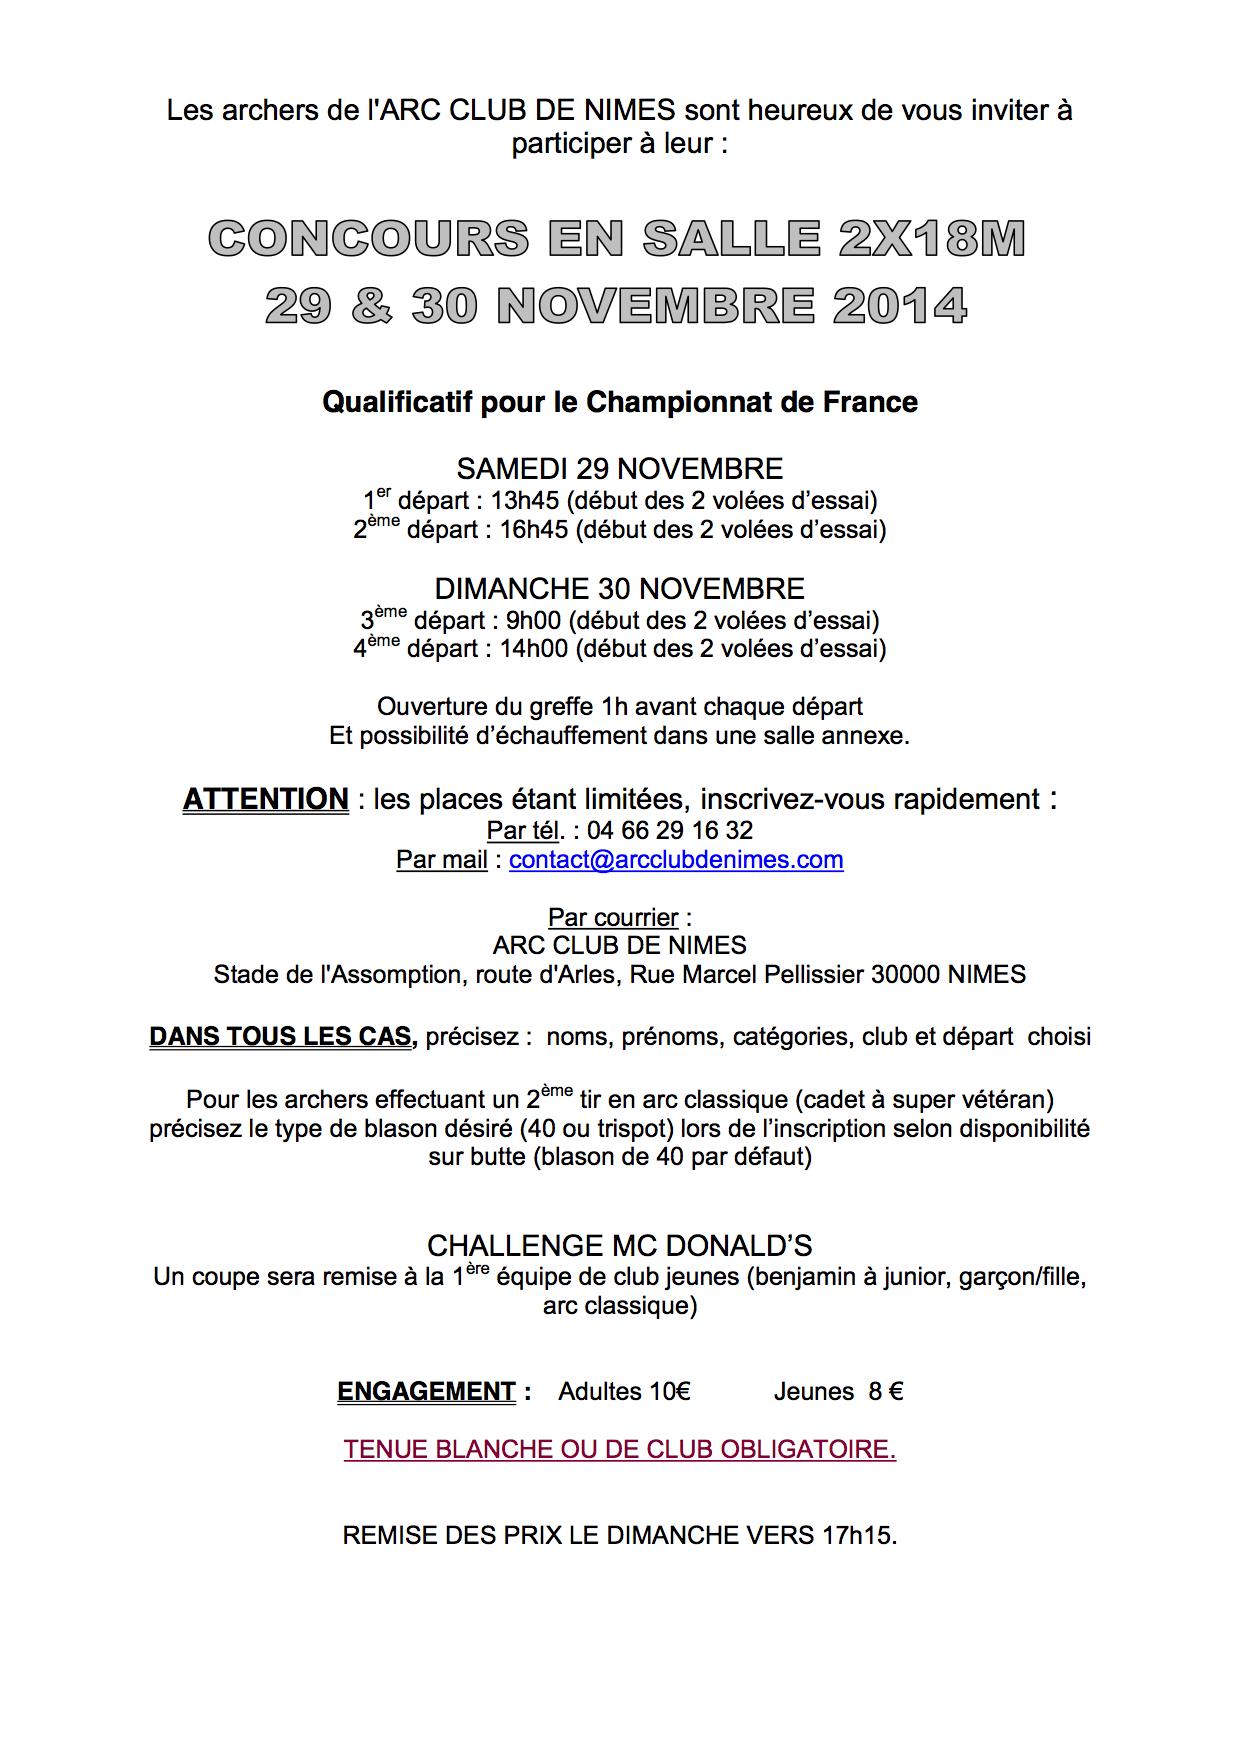 Mandat salle 29 et 30 novembre 2014